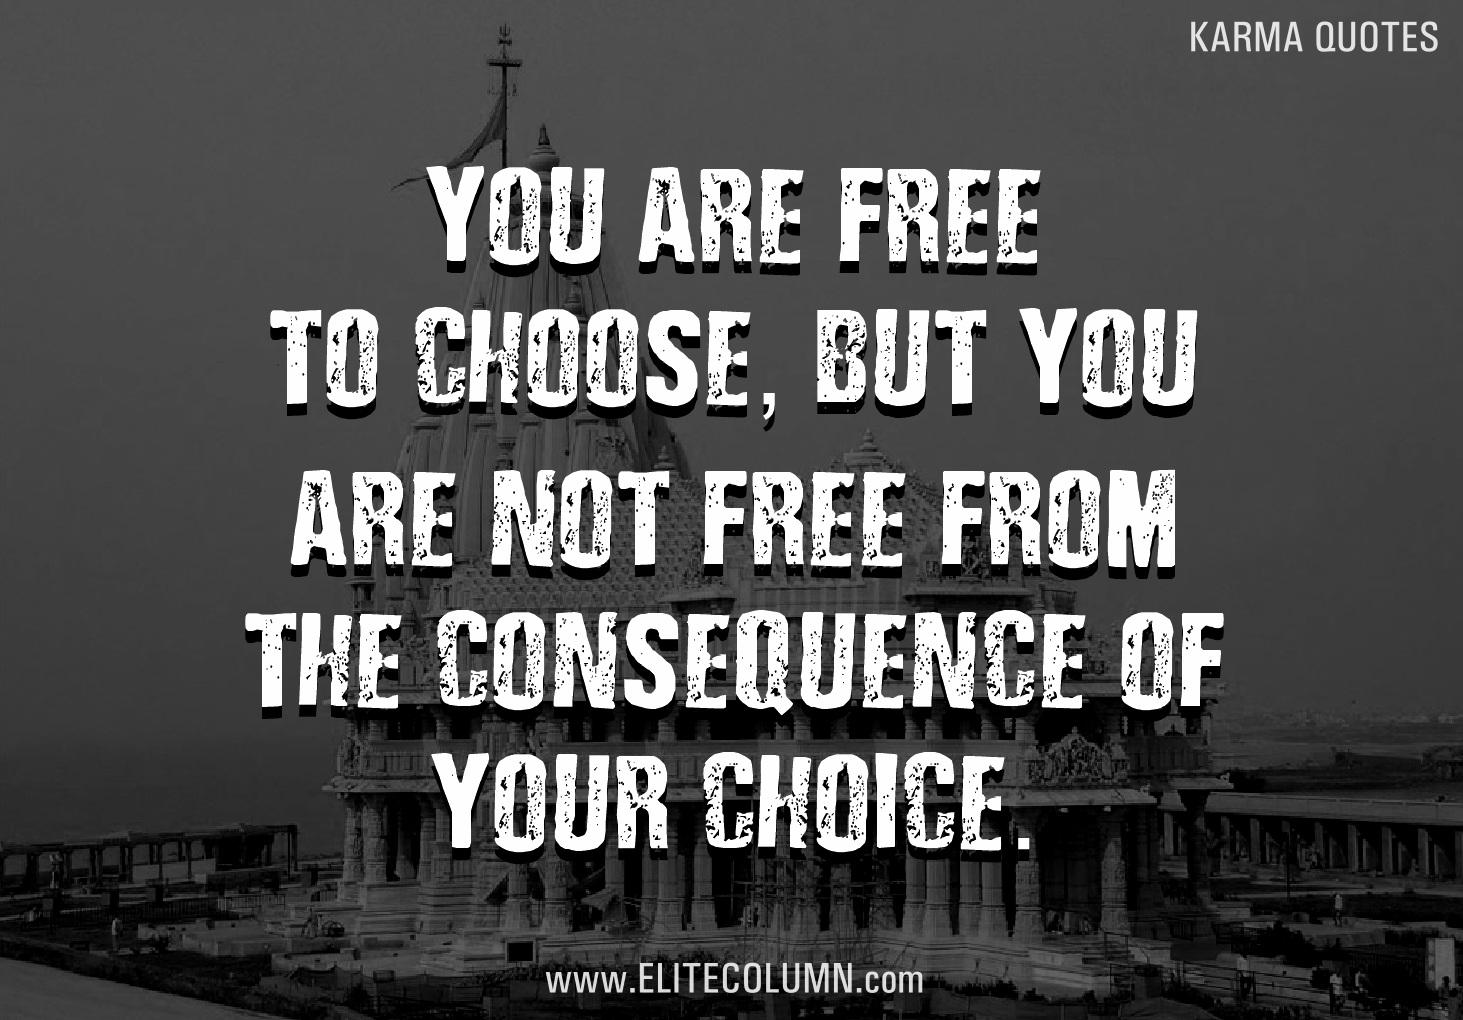 12 Karma Quotes So Relevant To 21st Century Life | EliteColumn